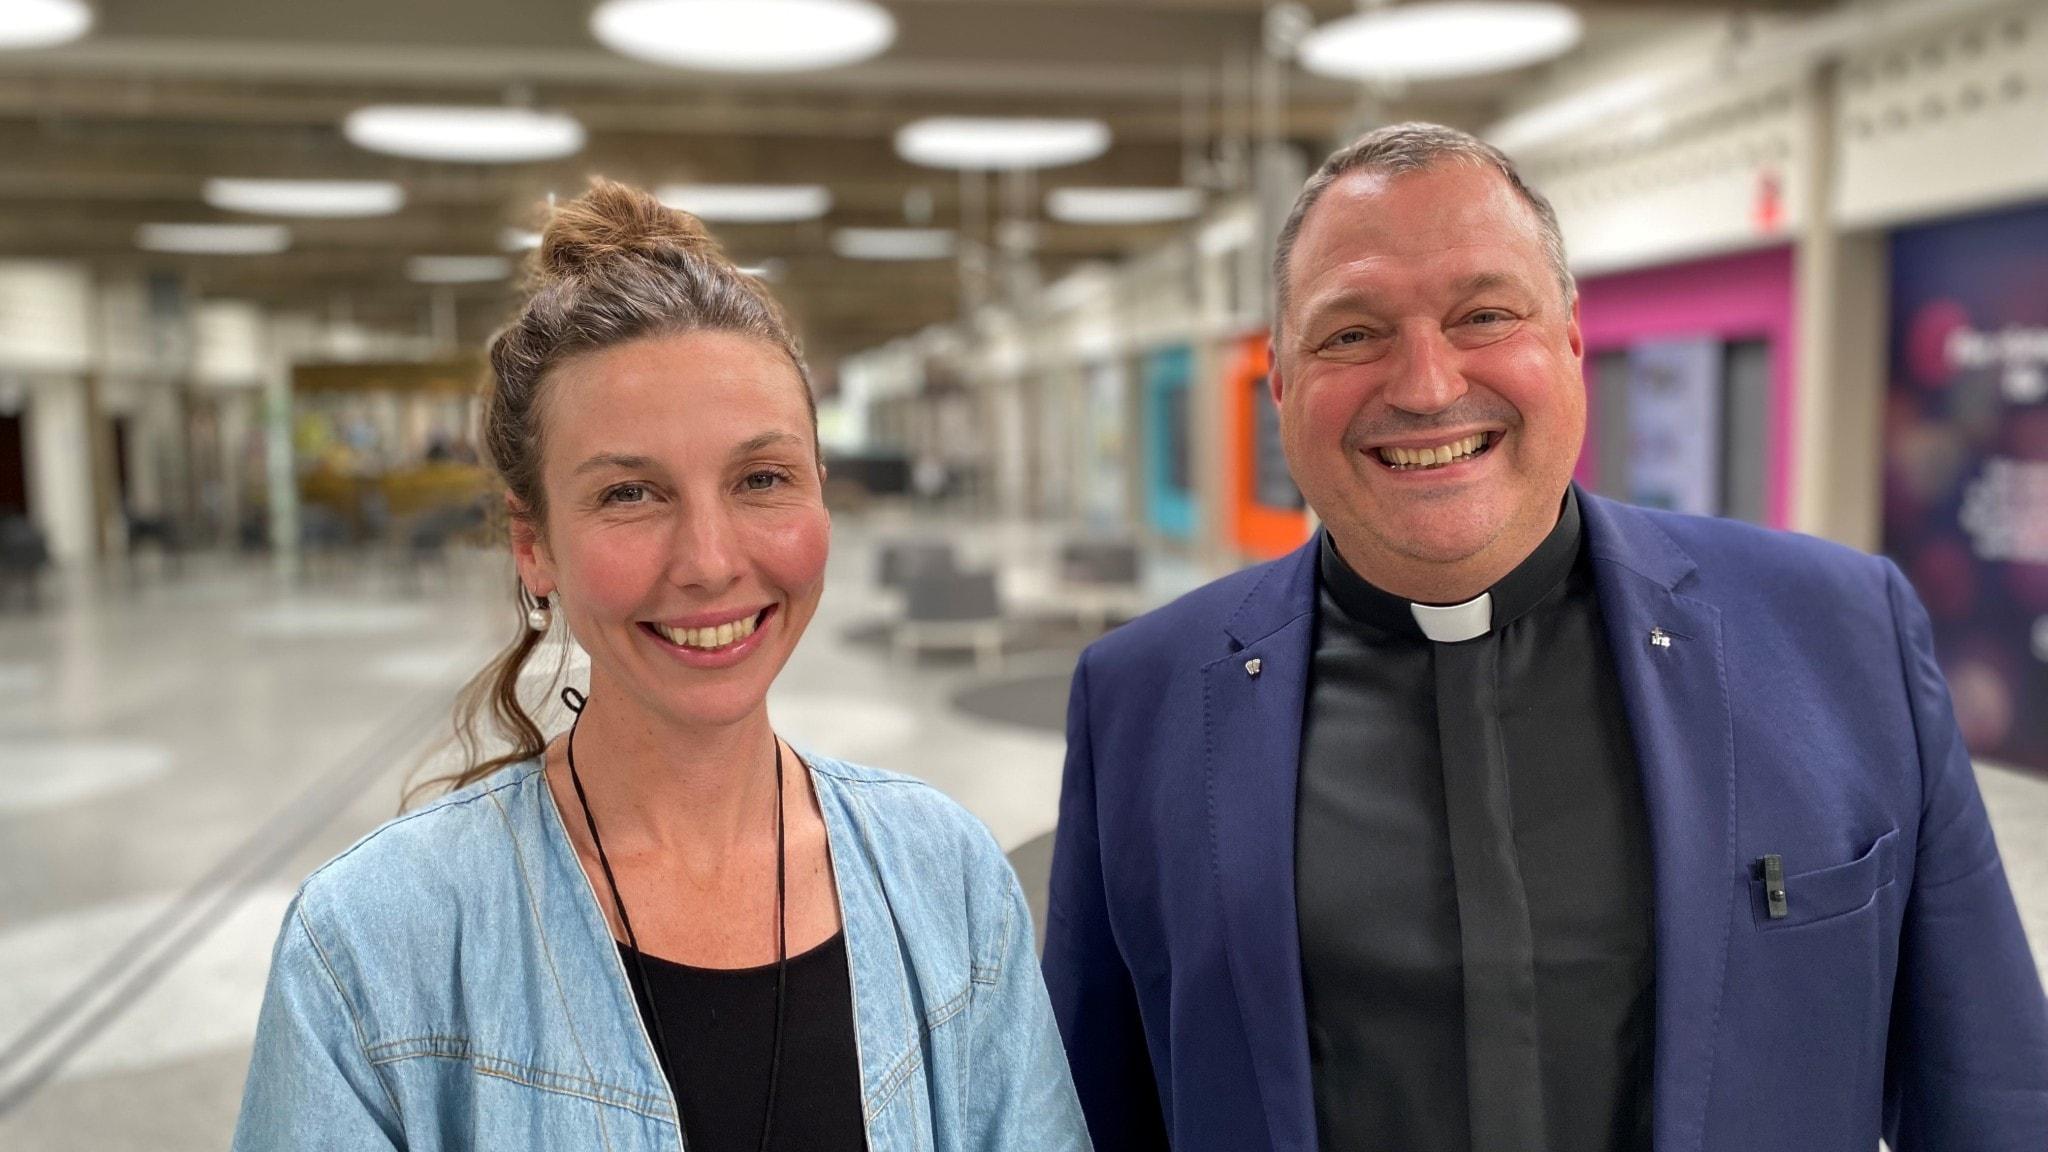 klimatpsykologen Kata Nylén och den katolske prästen Thomas Idergard